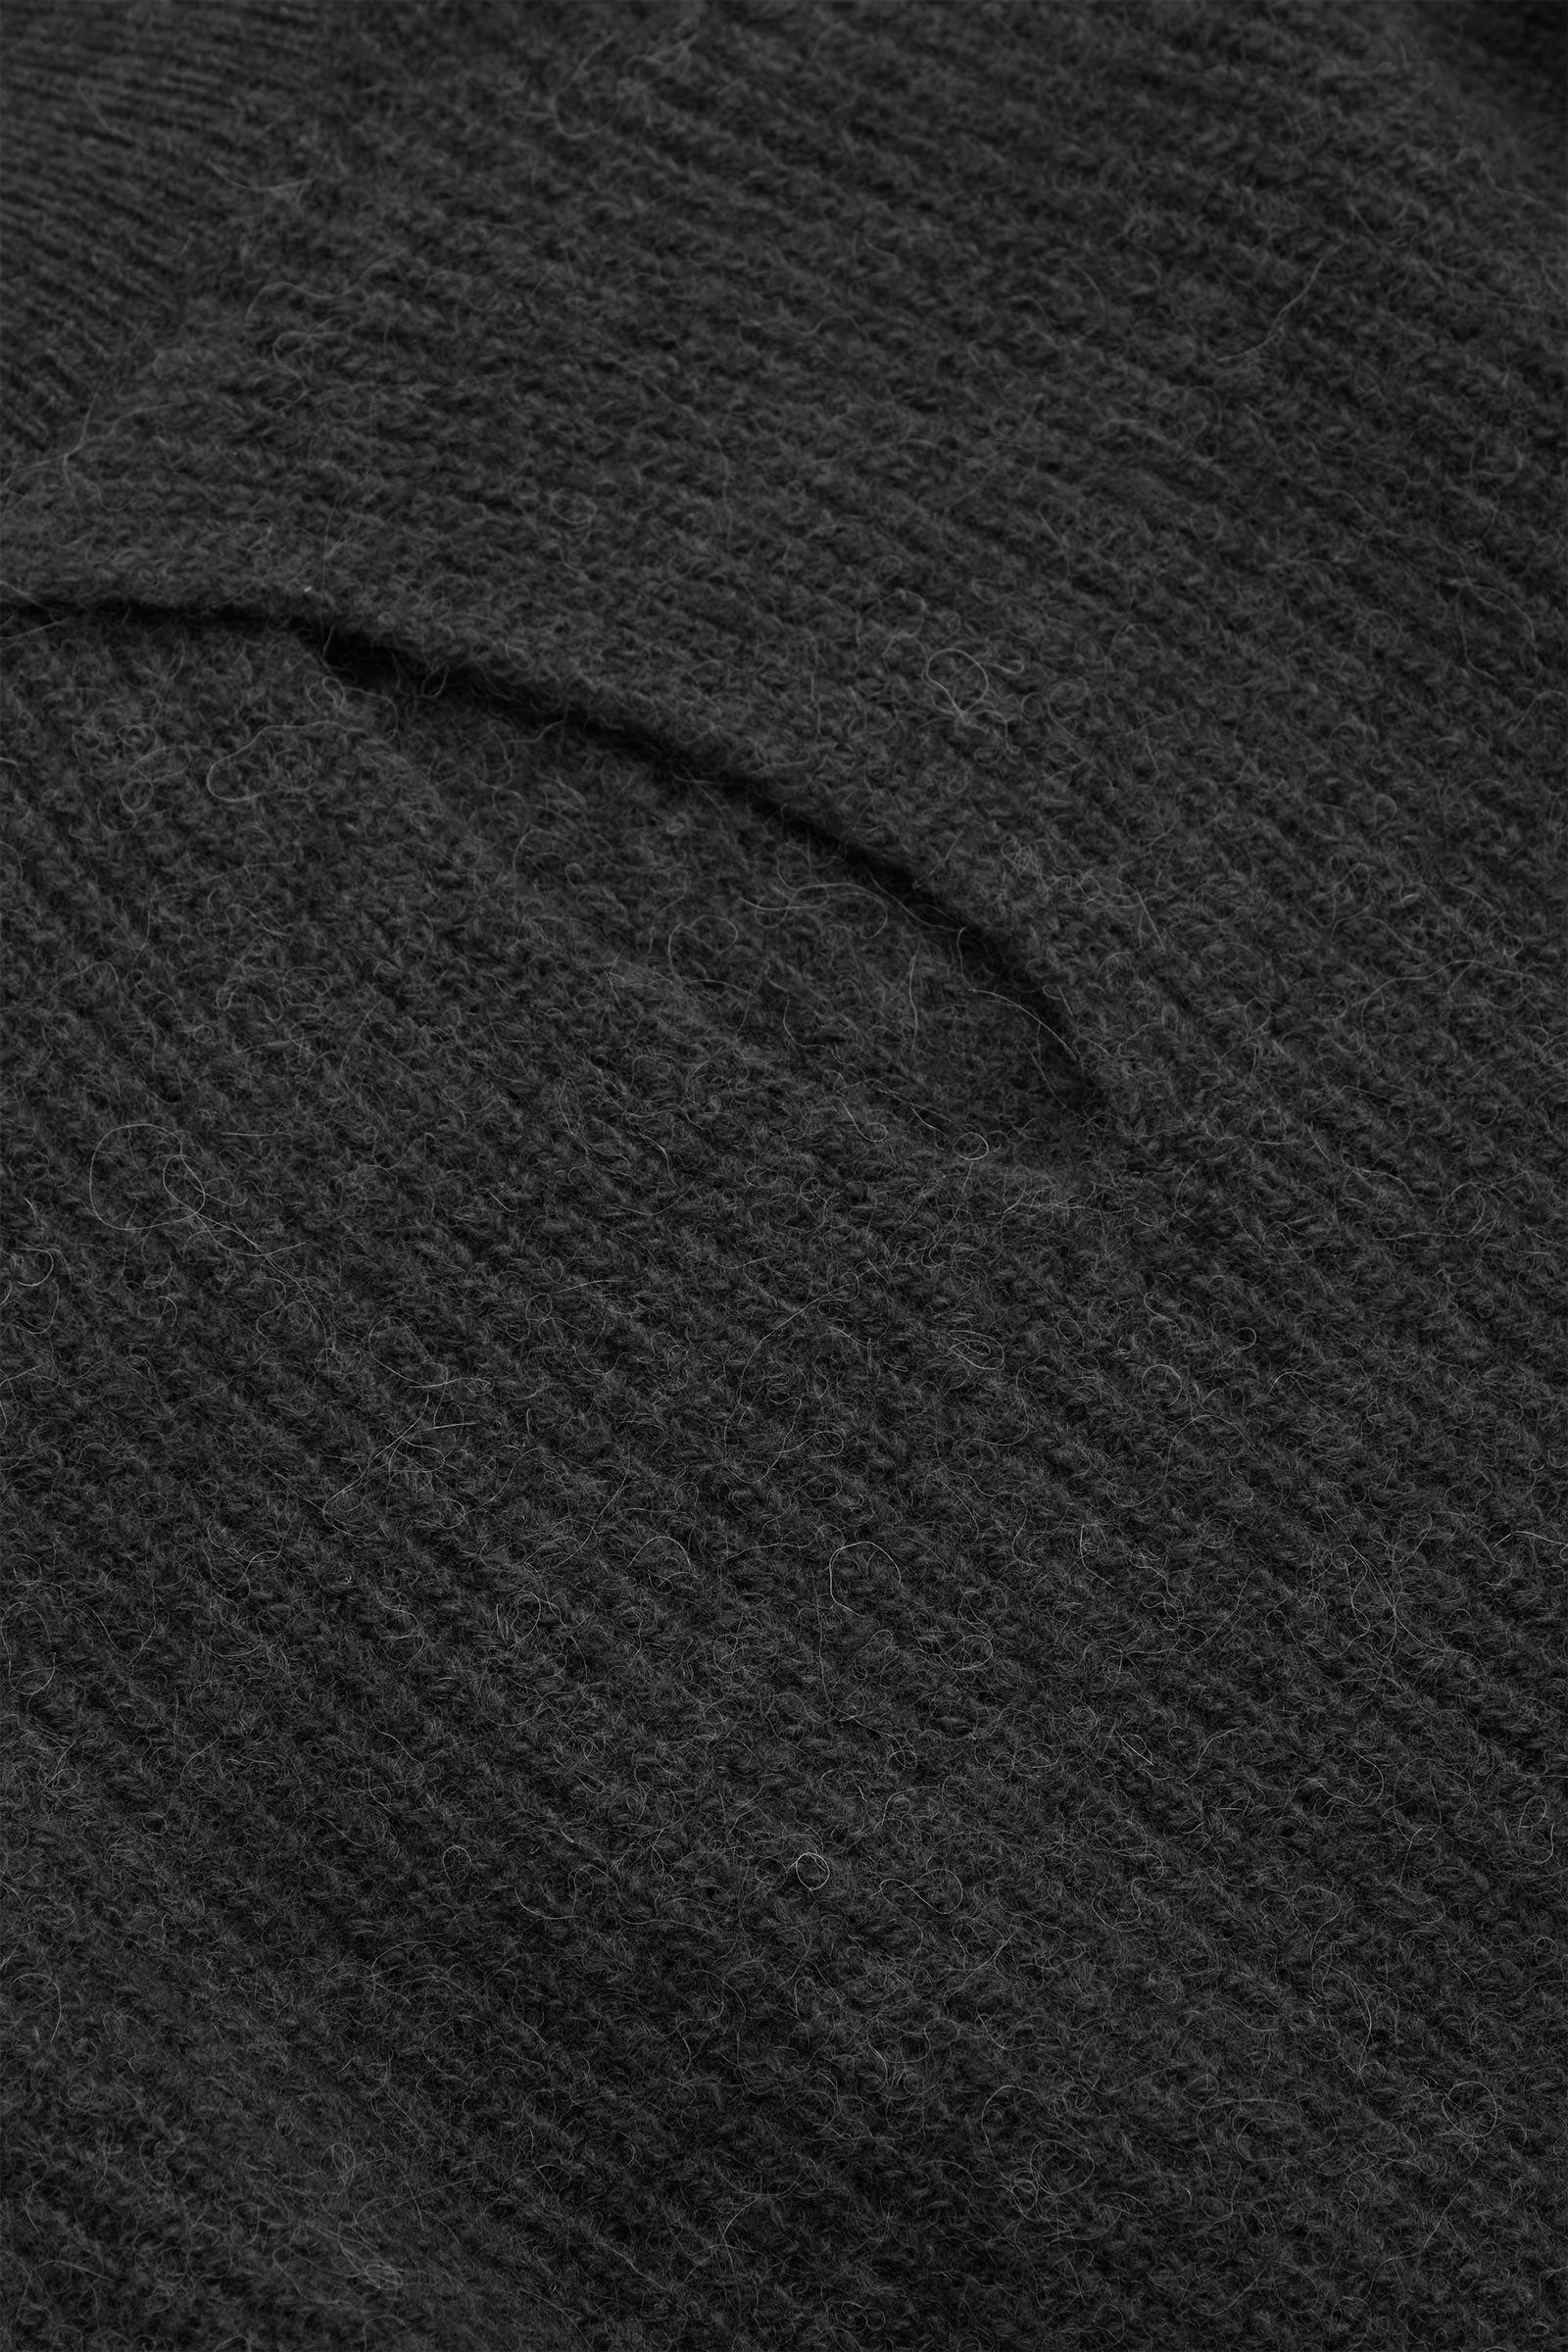 COS 울 알파카 니티드 탑의 그레이컬러 Detail입니다.